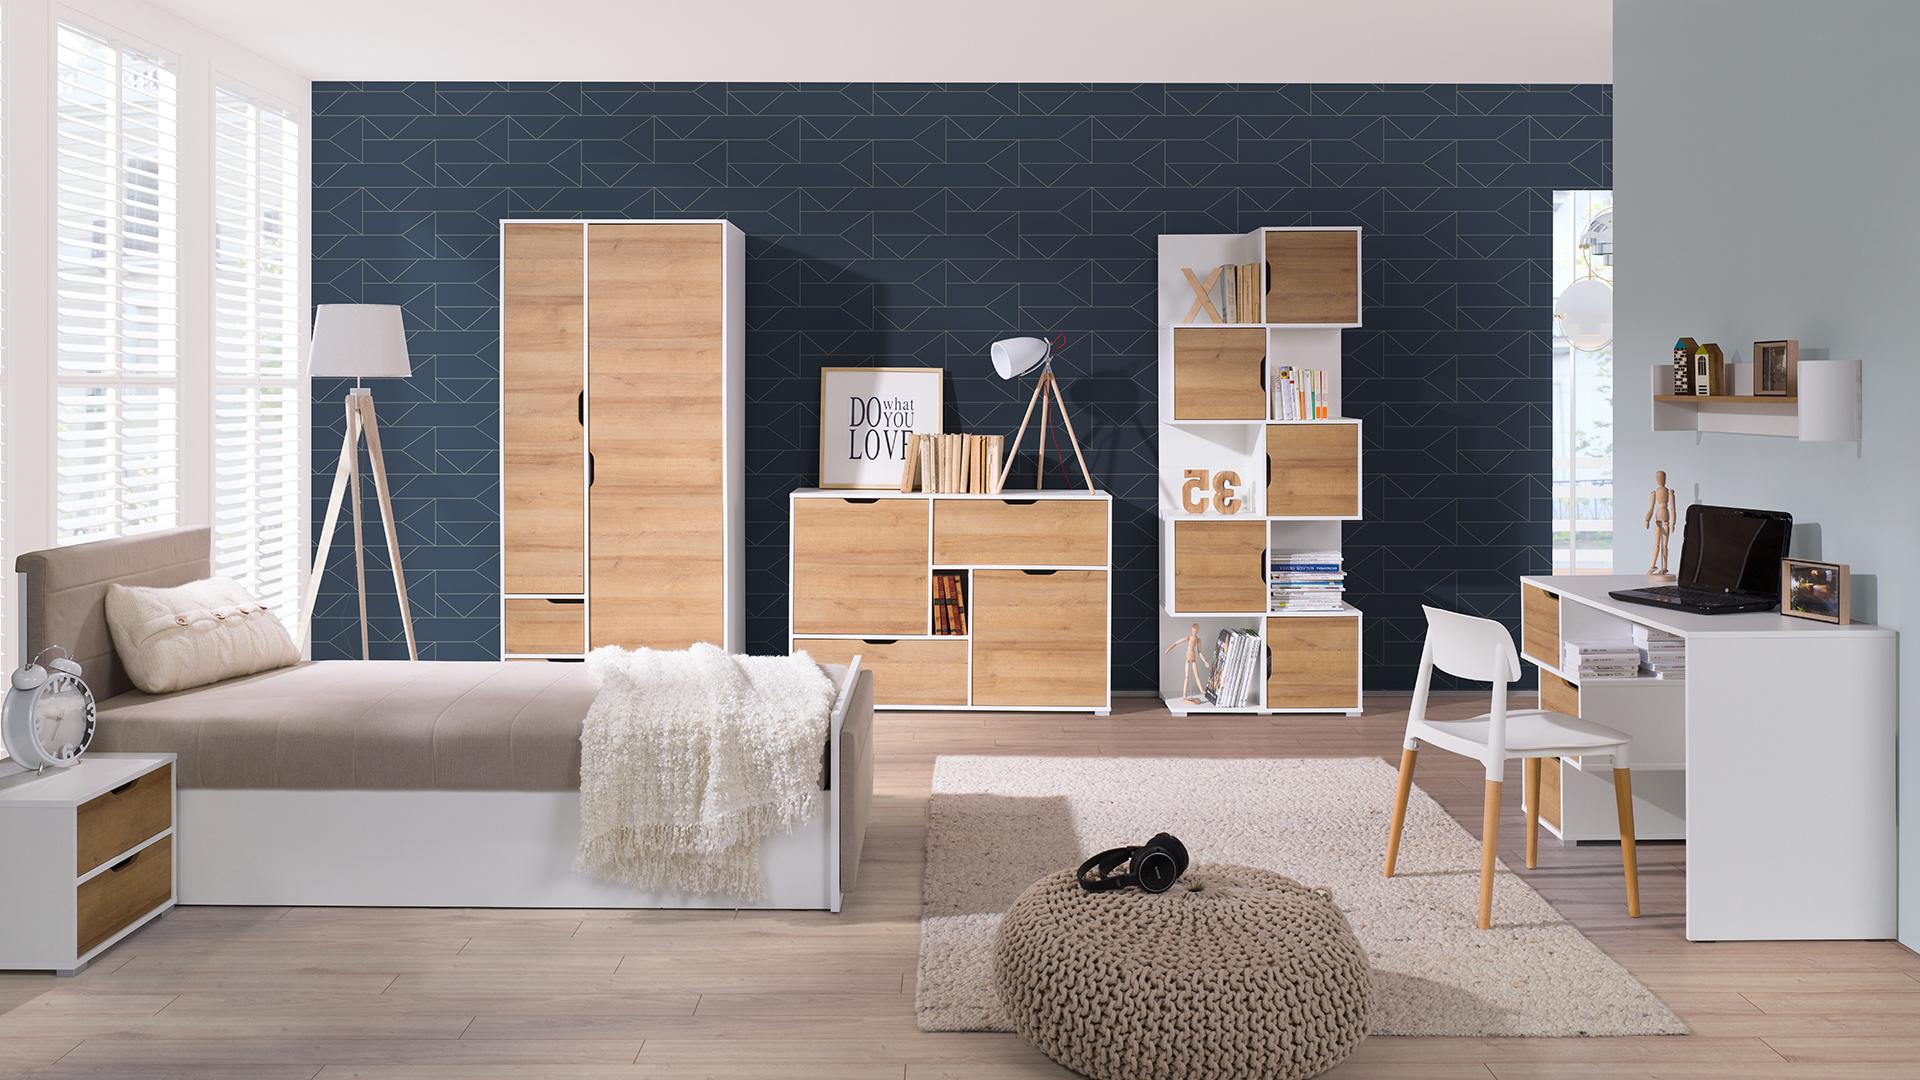 Moderní studentský nábytek Arabela sestava G - Inspirace a fotogalerie